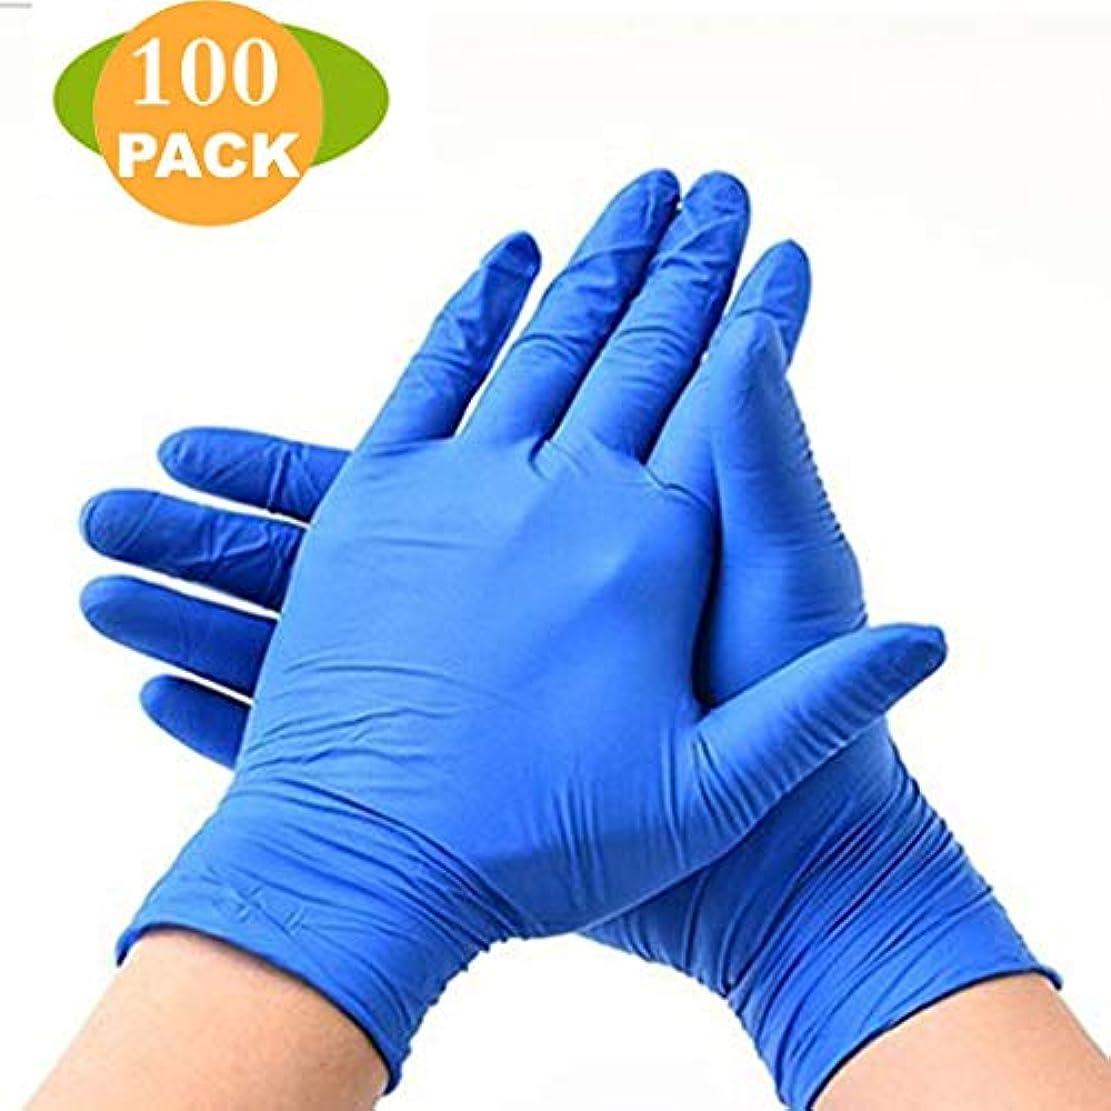 群衆ボックス見つけた使い捨て耐久性のある厚手の手袋の実験室の食用油と耐酸性-100パーボックス (Color : Blue, Size : L)